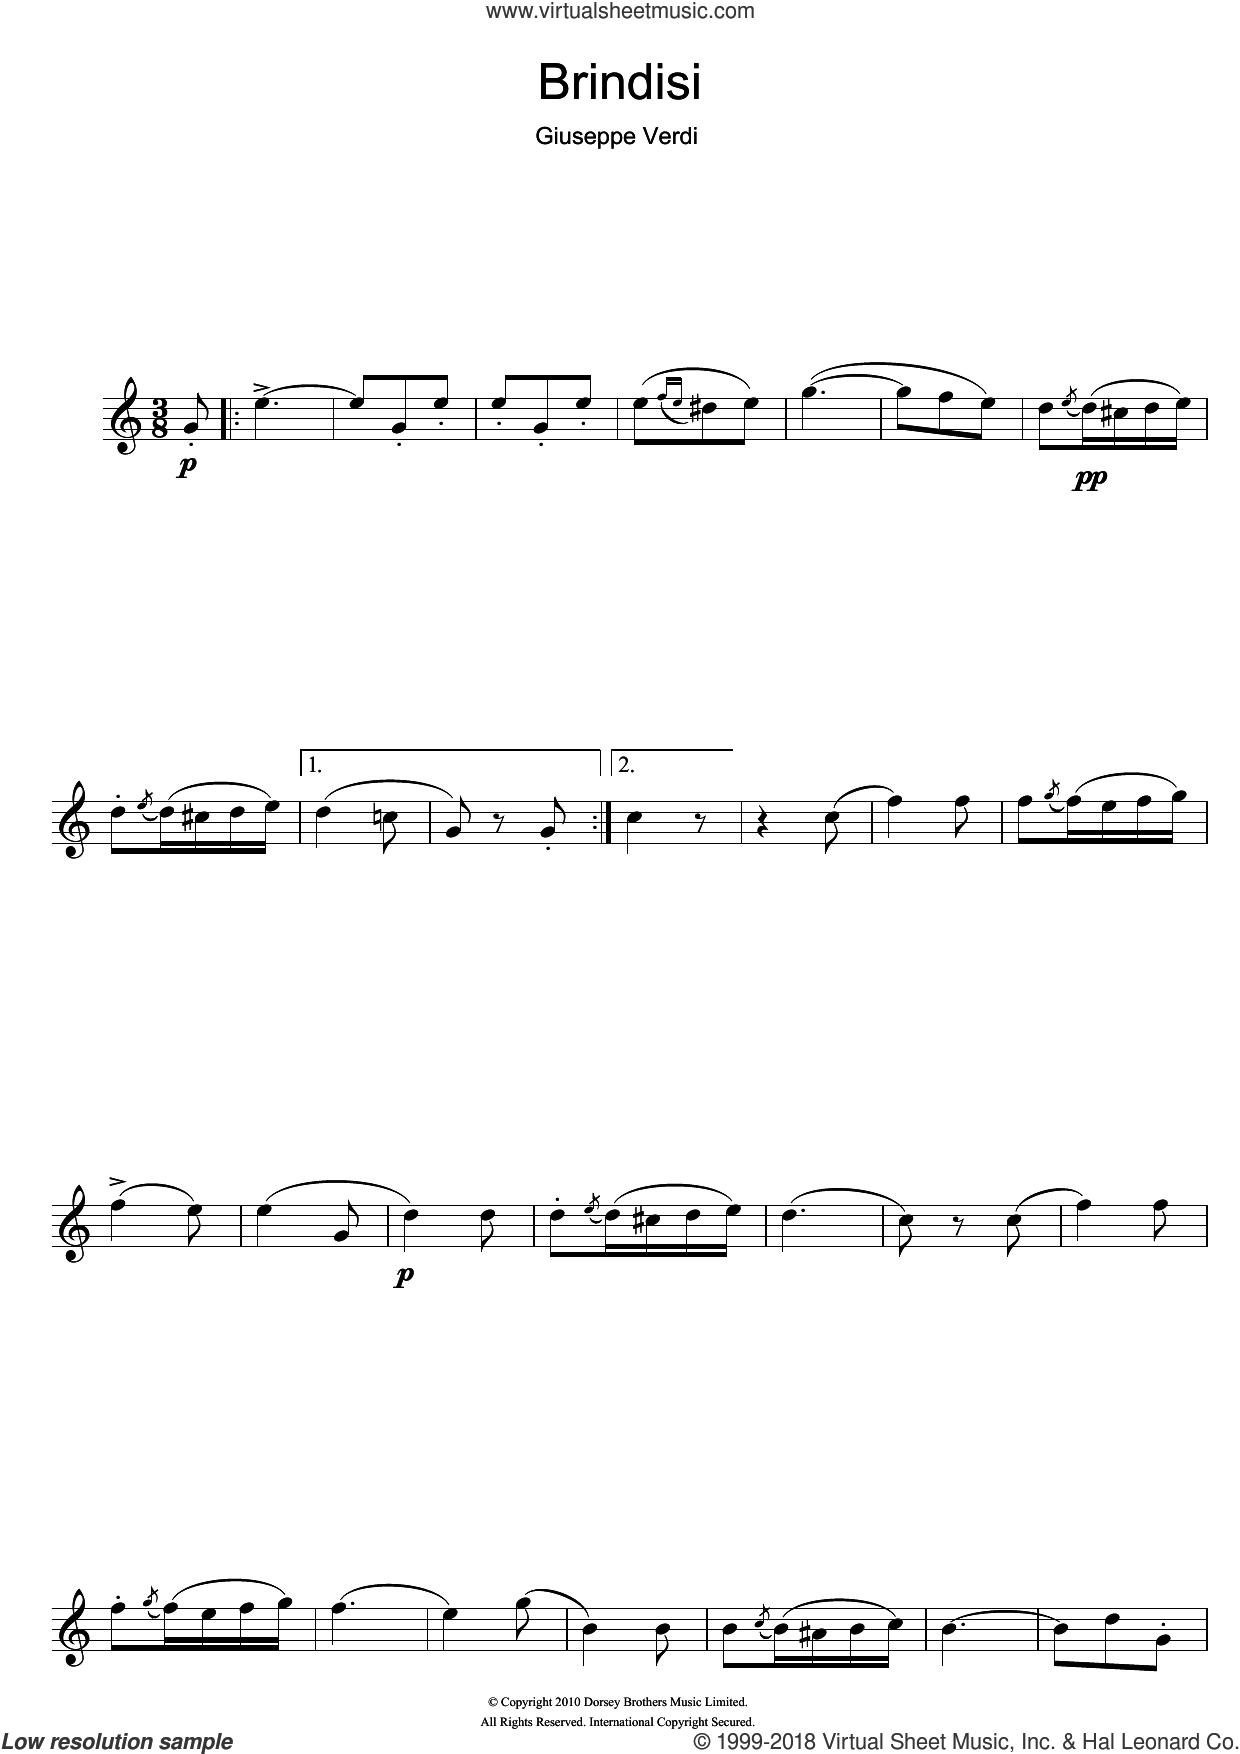 Brindisi (from La Traviata) sheet music for alto saxophone solo by Giuseppe Verdi, classical score, intermediate skill level